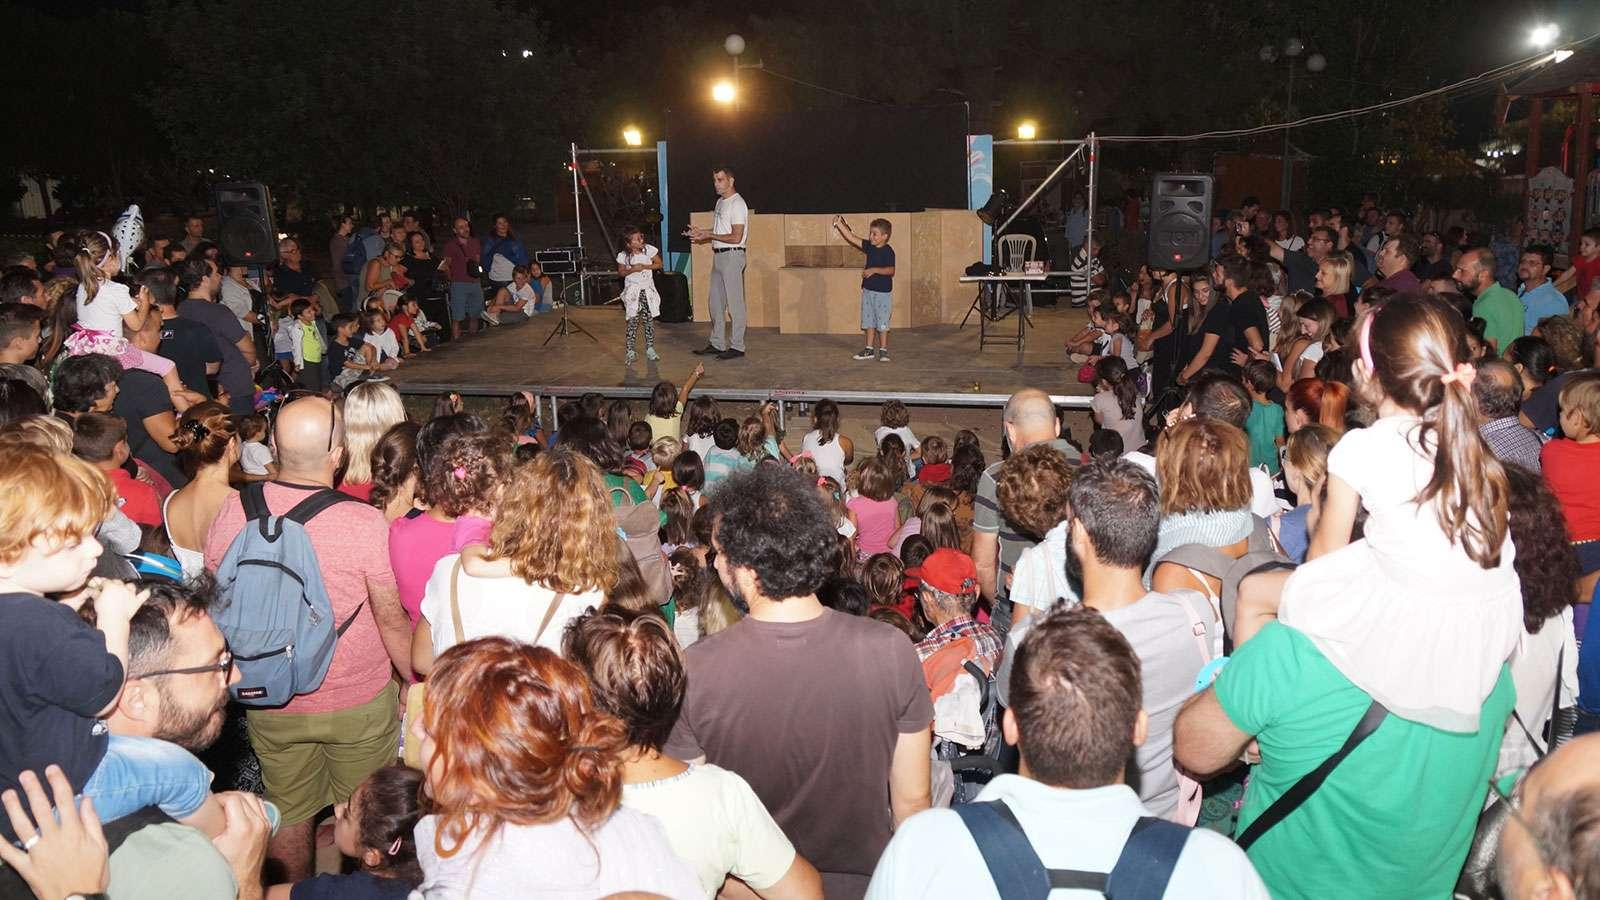 festival paidotopos